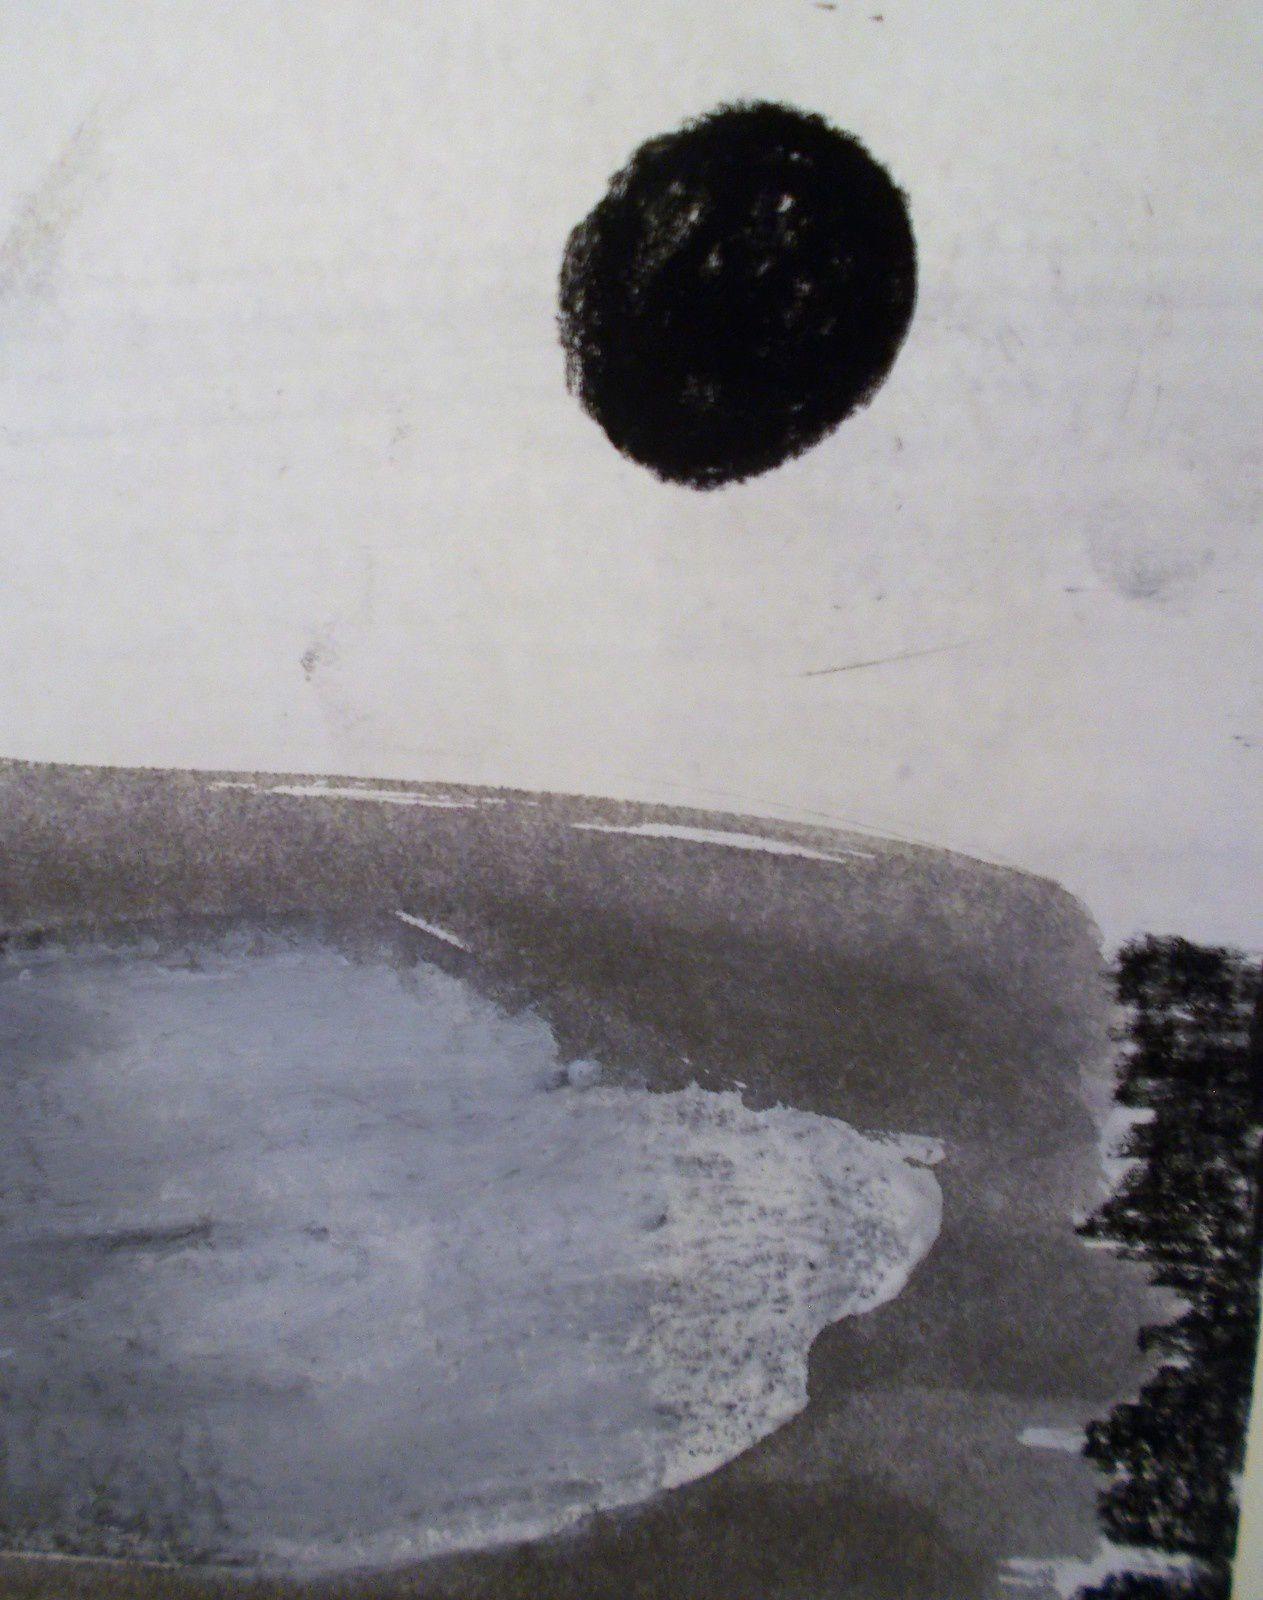 TOUTE EMPREINTE REFAIT LES CONTOURS D'UN NOUVEAU ROYAUME, livre d'artiste et détails: 2017.